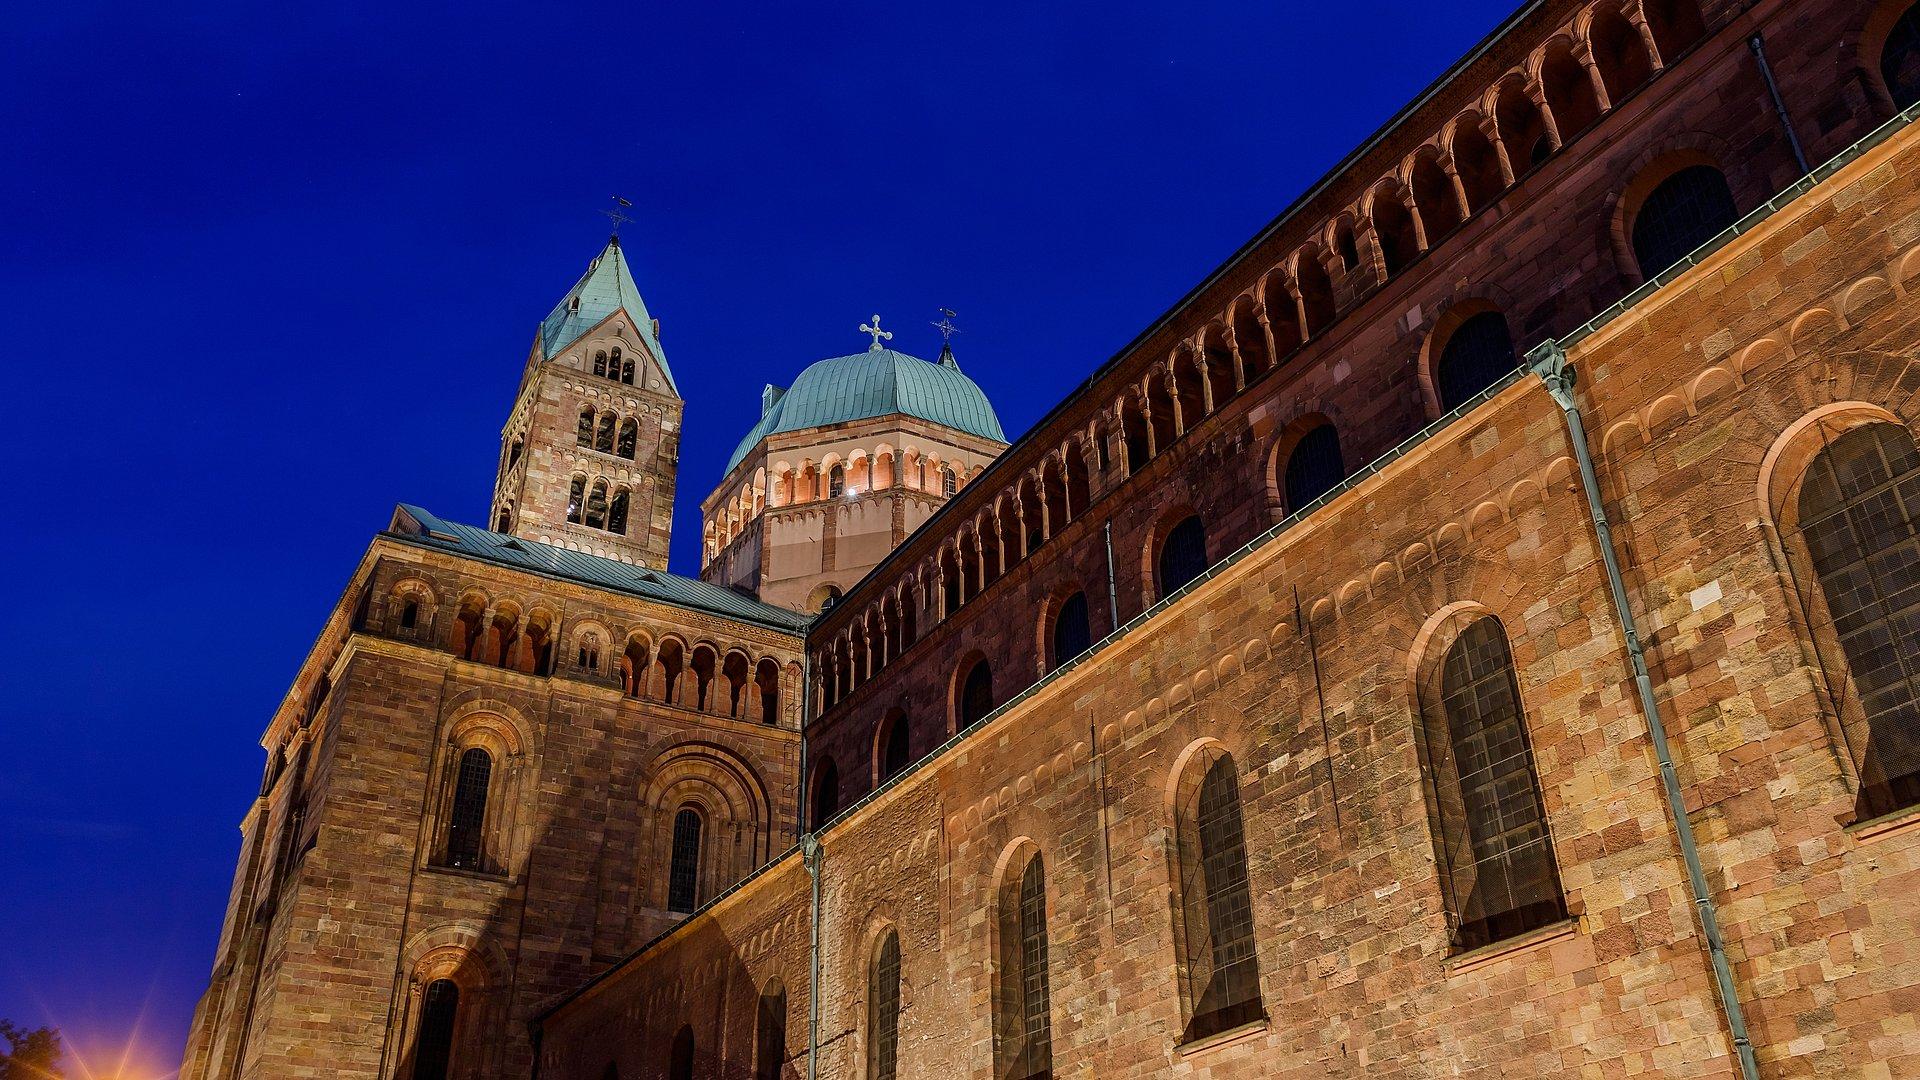 Der Dom zu Speyer bei Nacht, Pfalz